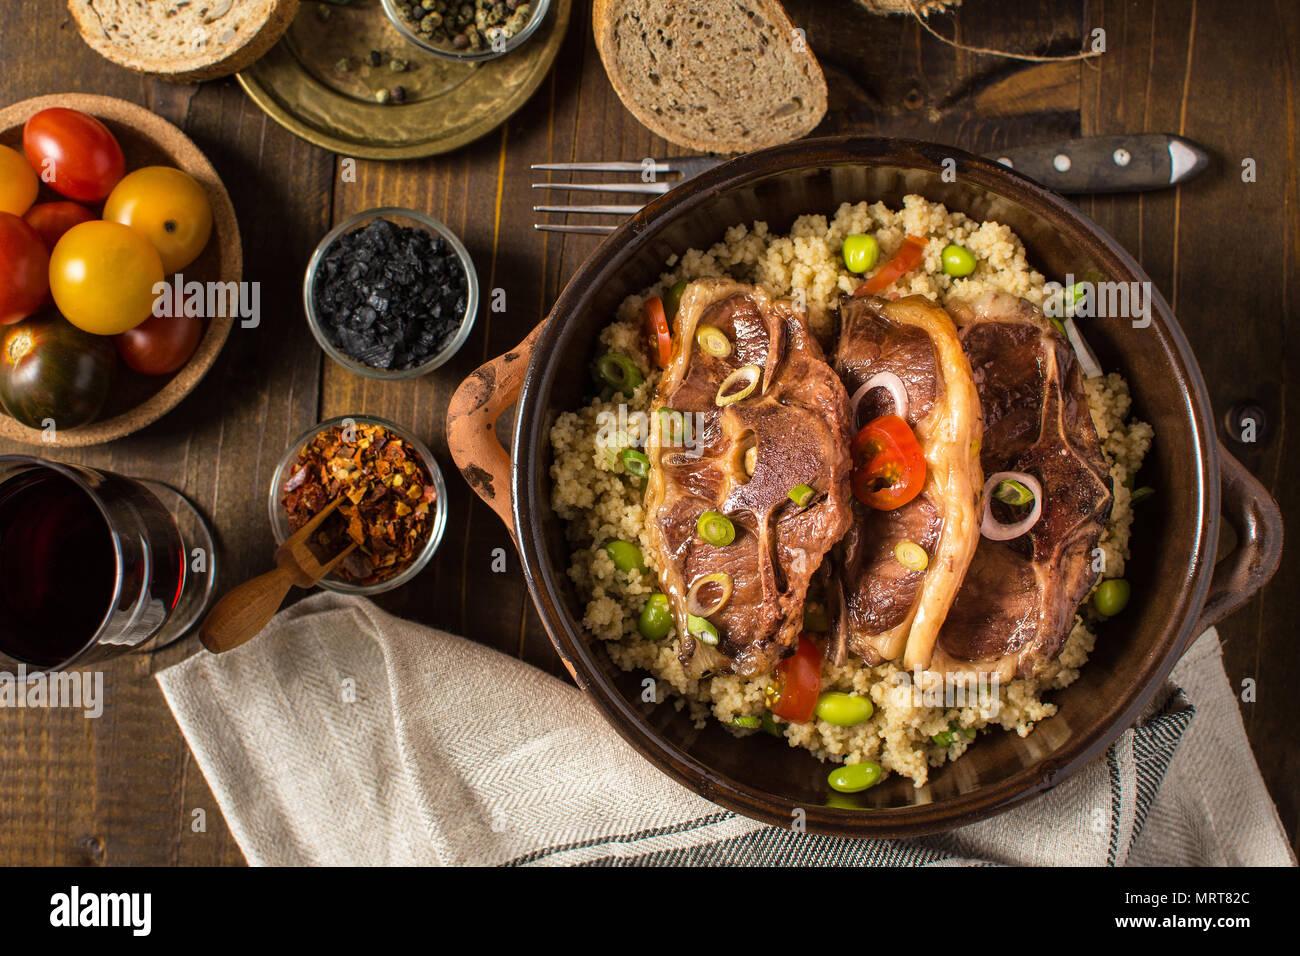 Chuletas de lomo de cordero asado con cuscús y soja Imagen De Stock